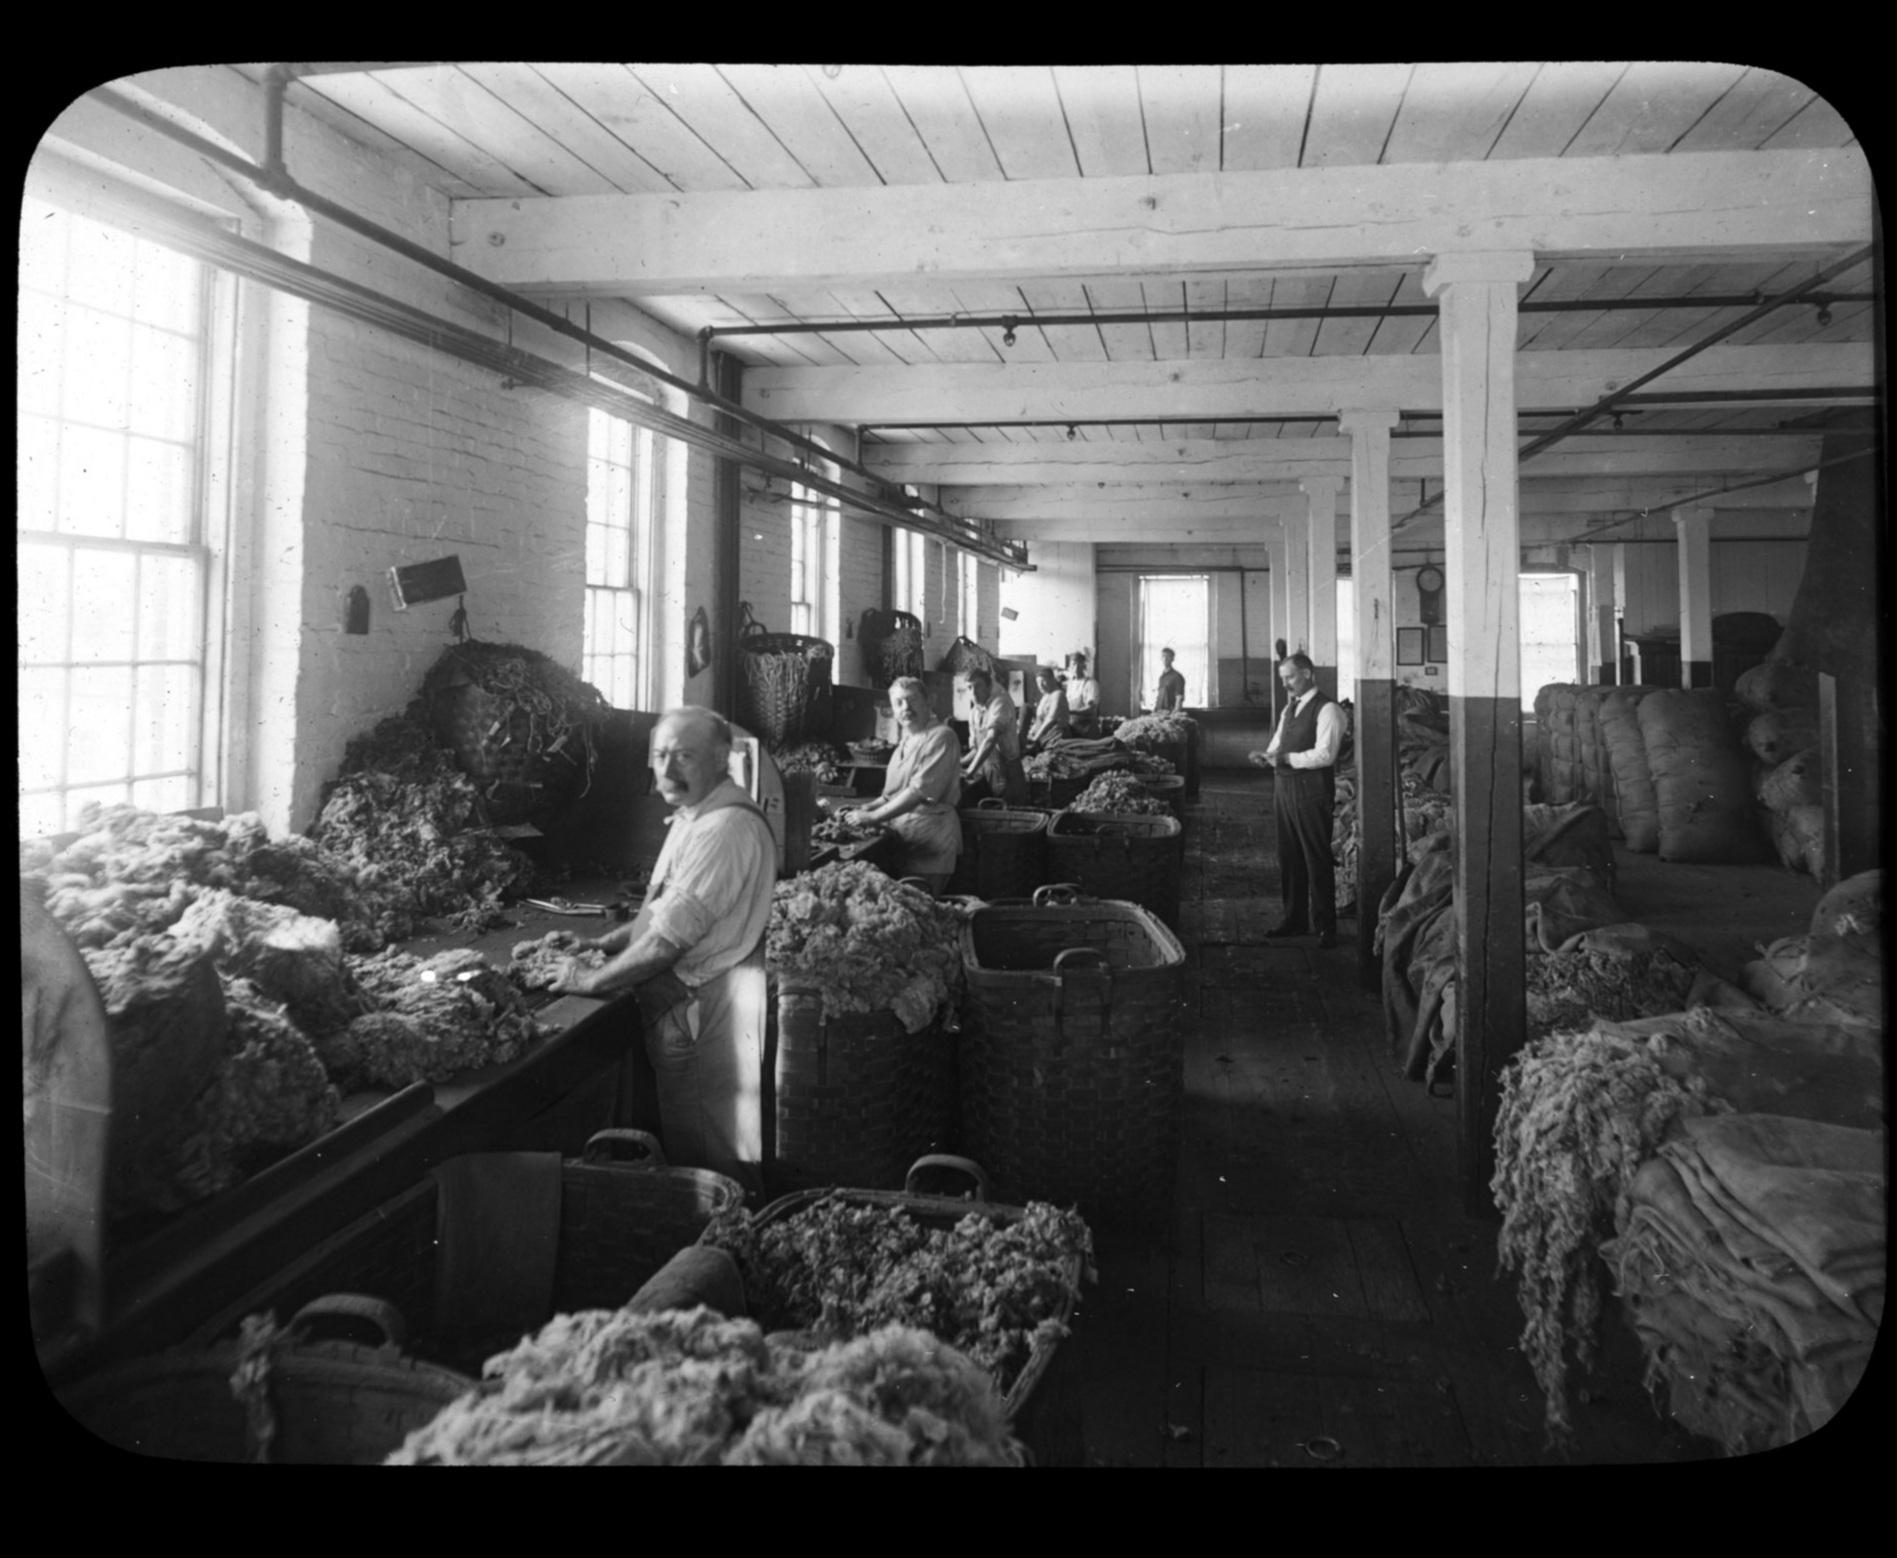 Wool sorting, 1912